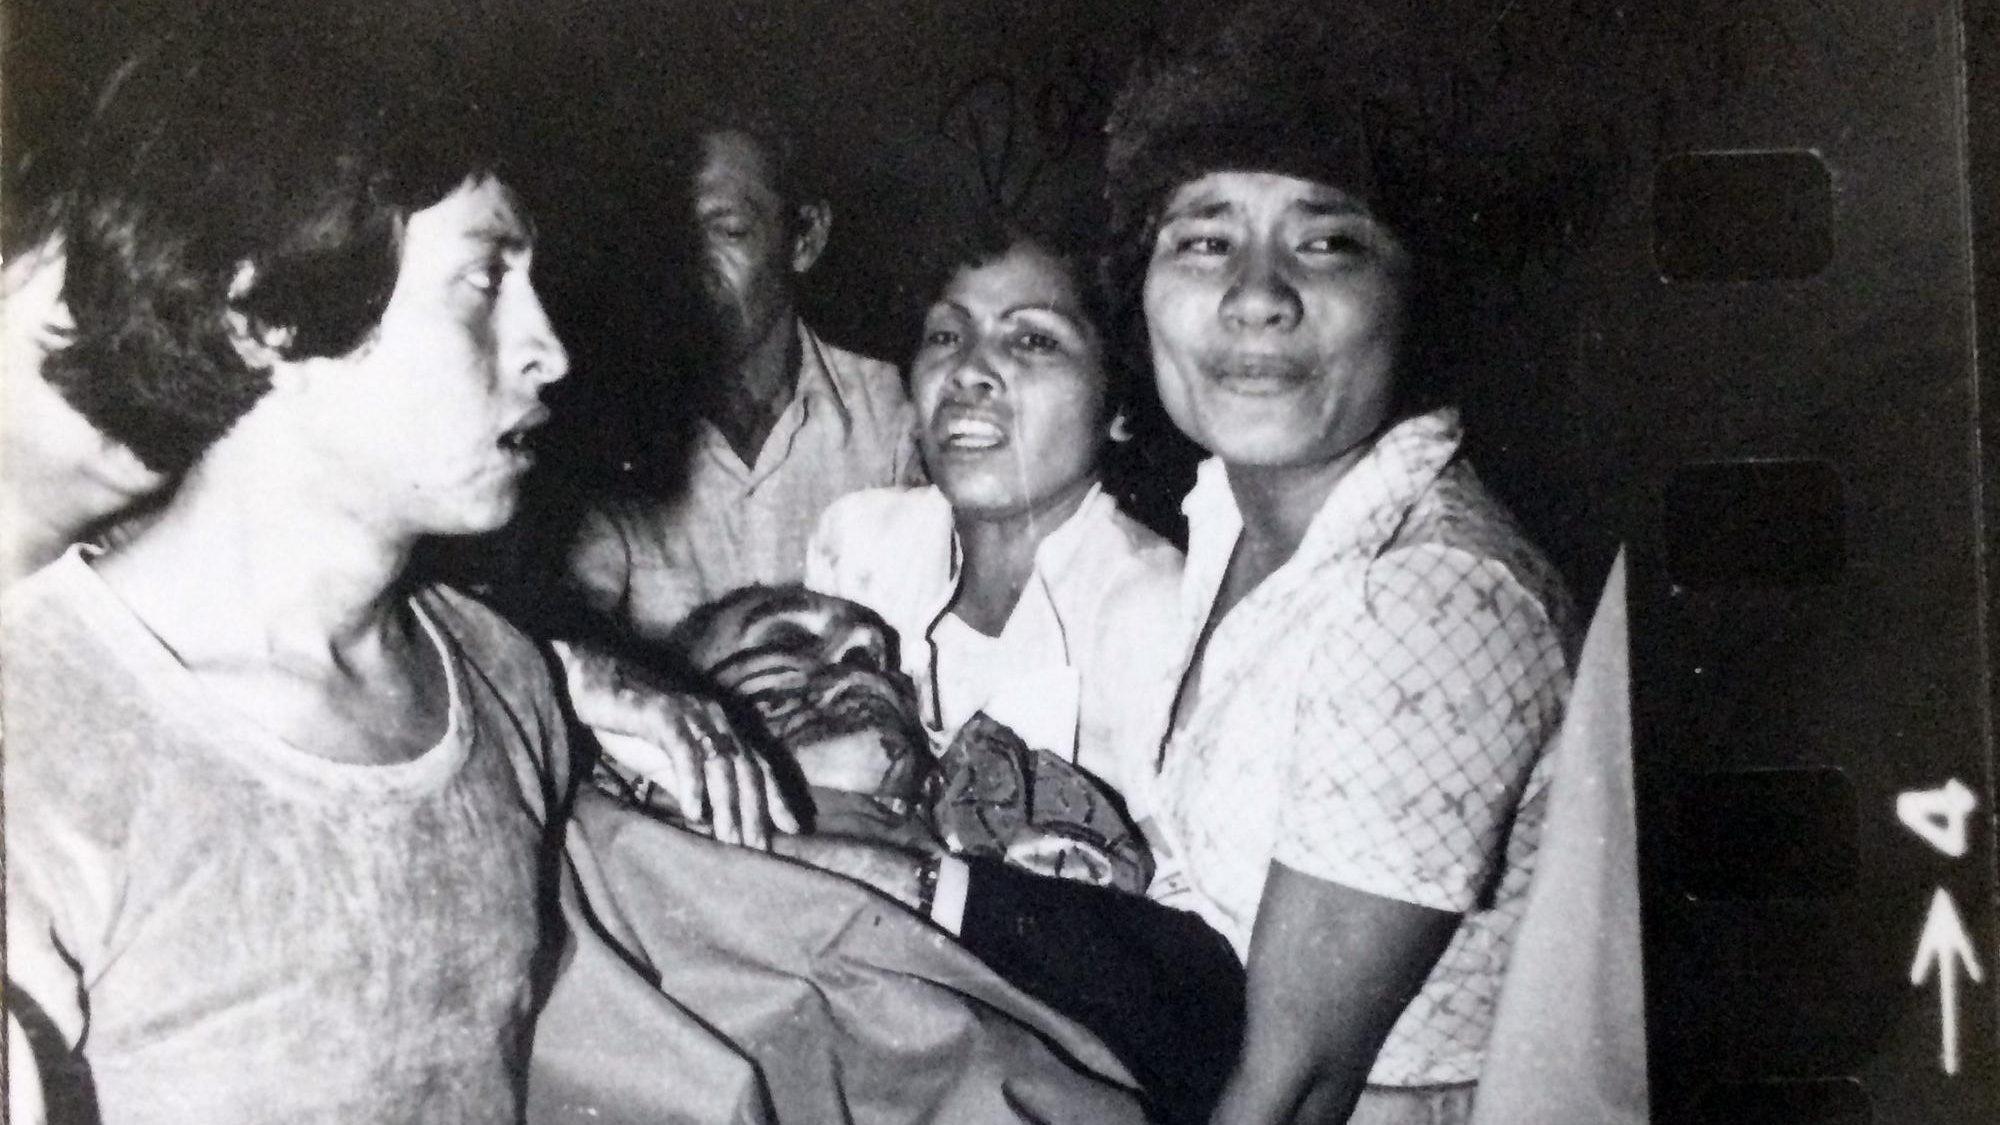 Asesinato de monseñor Romero: un agujero de cinco milímetros – CIPER Chile